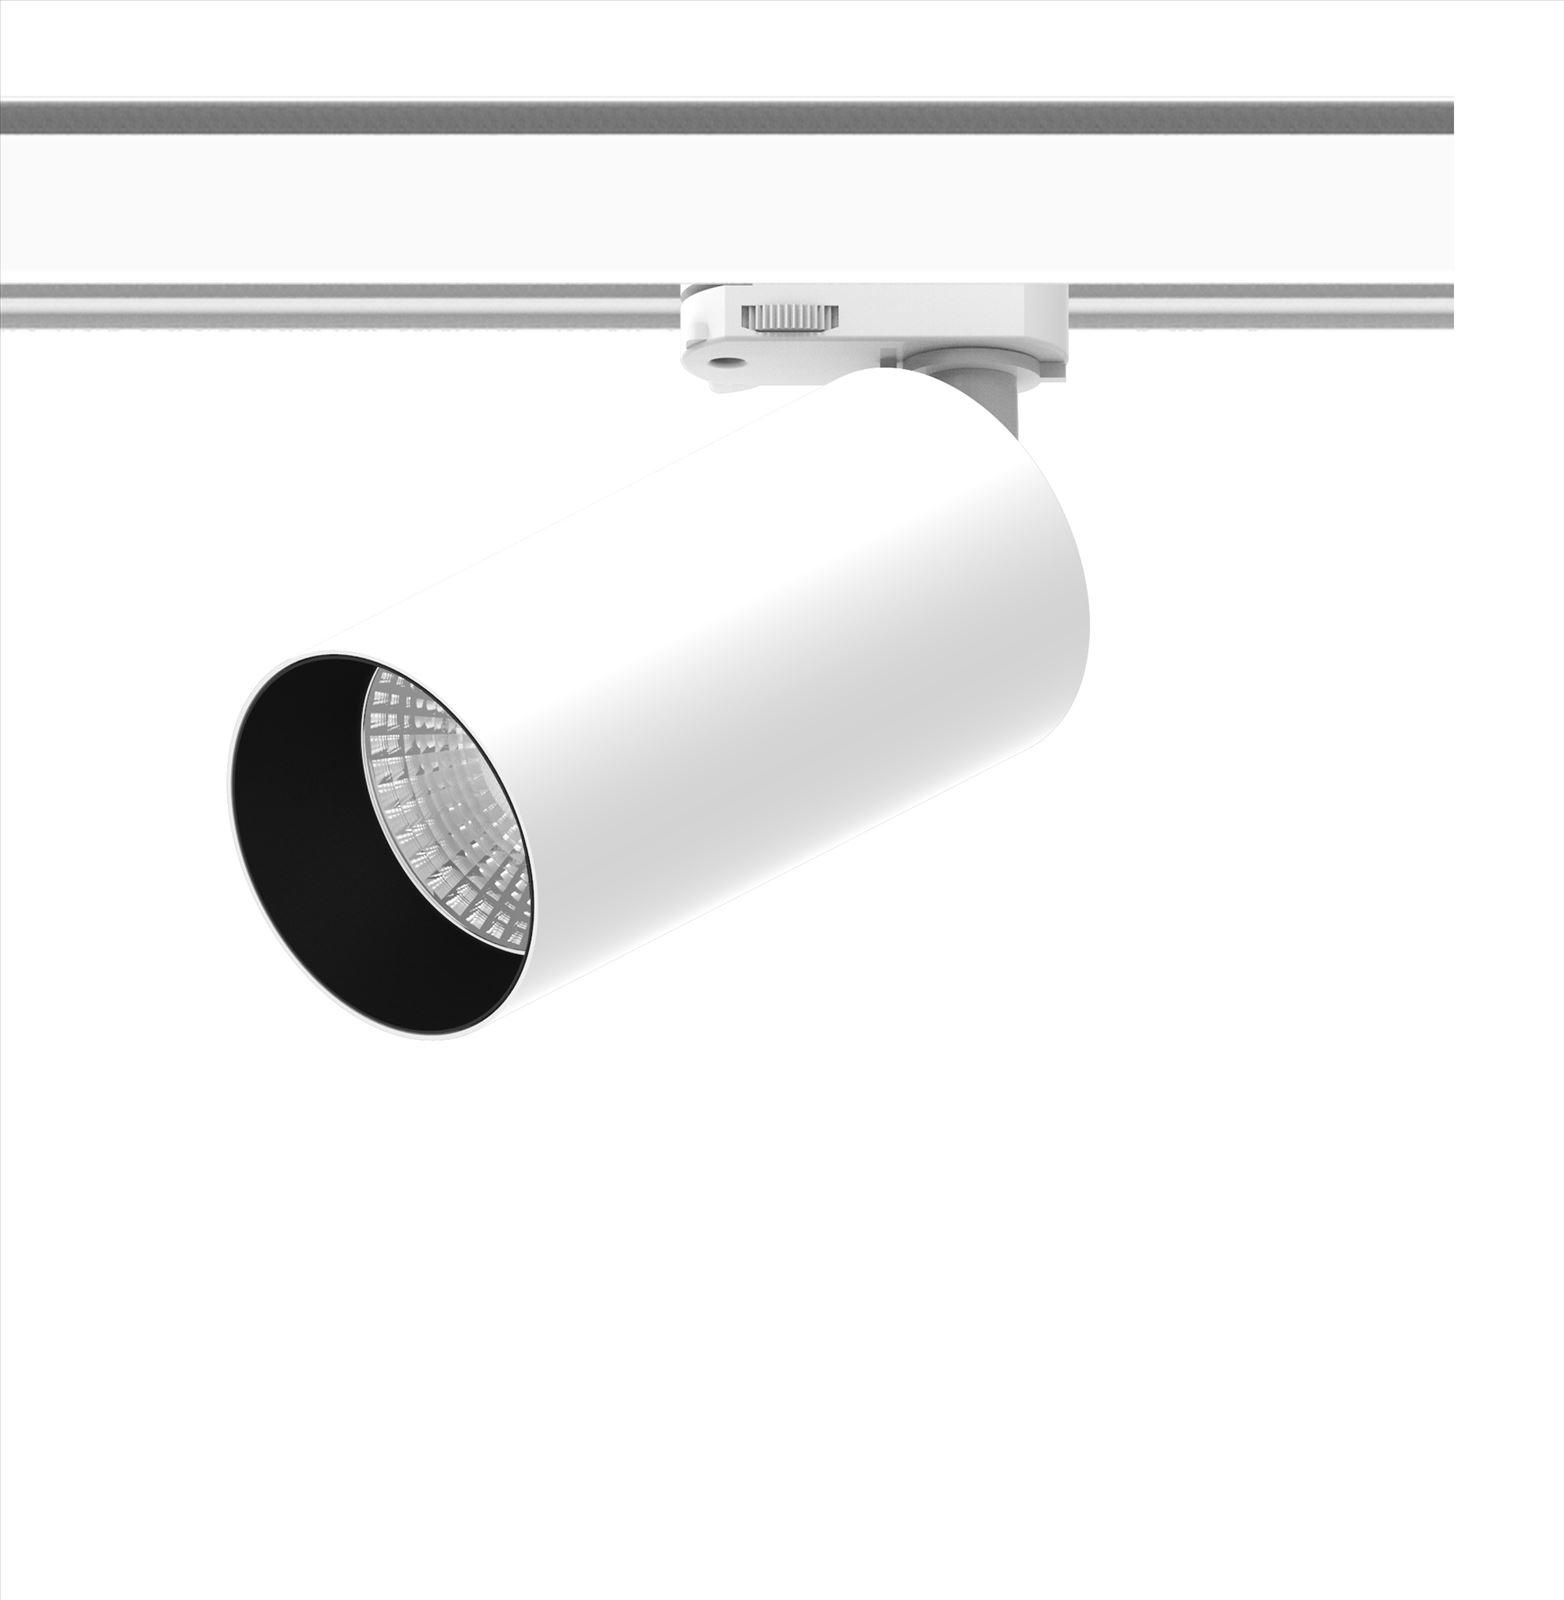 גופי תאורה מקטגוריית: פסי צבירה  ,שם המוצר: ספוט דארק לייט 9051